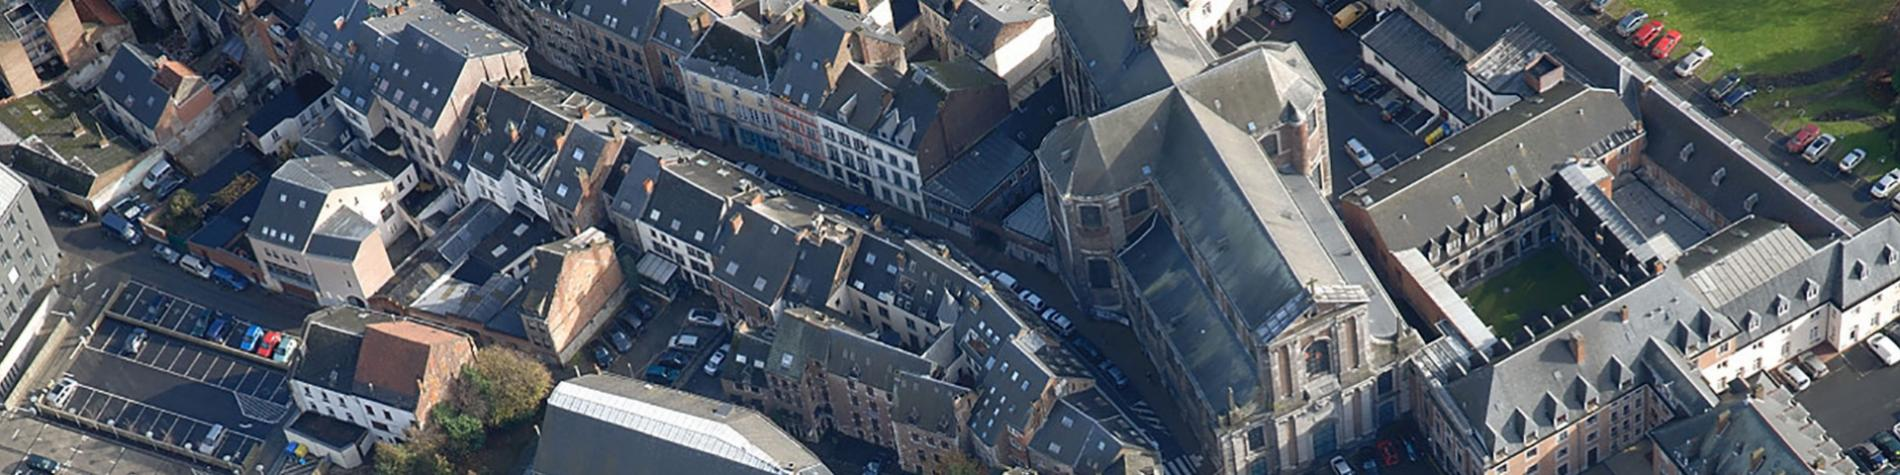 Quartier de l'Ilon - Loisirs & Vacances - Namur - - patrimoine urbanistique - architectural - culturel - naturel - légendaire - Wallonie - circuits découvertes - guidages costumés - animation